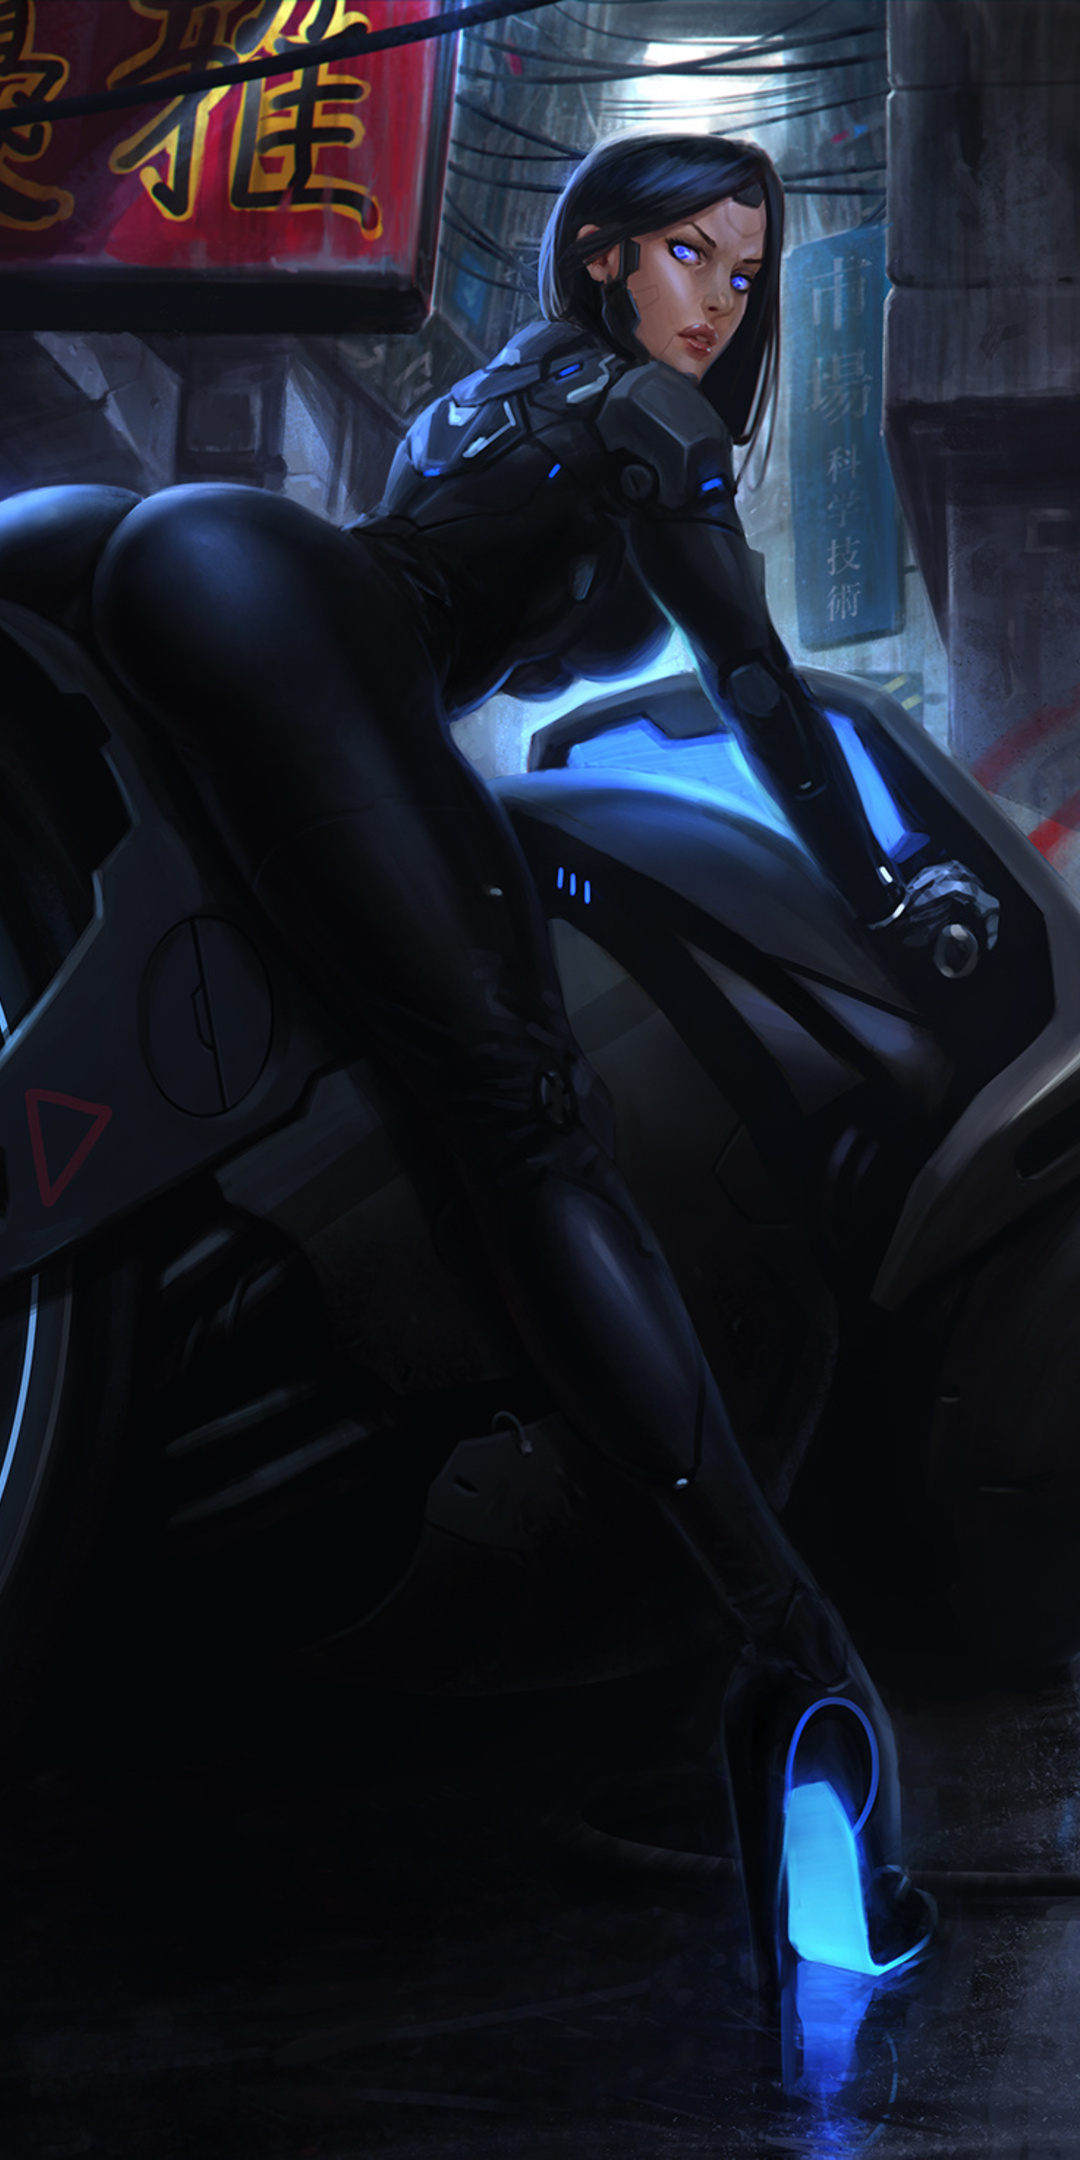 1080x2160 Hot Girl On Tron Bike Artwork One Plus 5t Honor 7x Honor